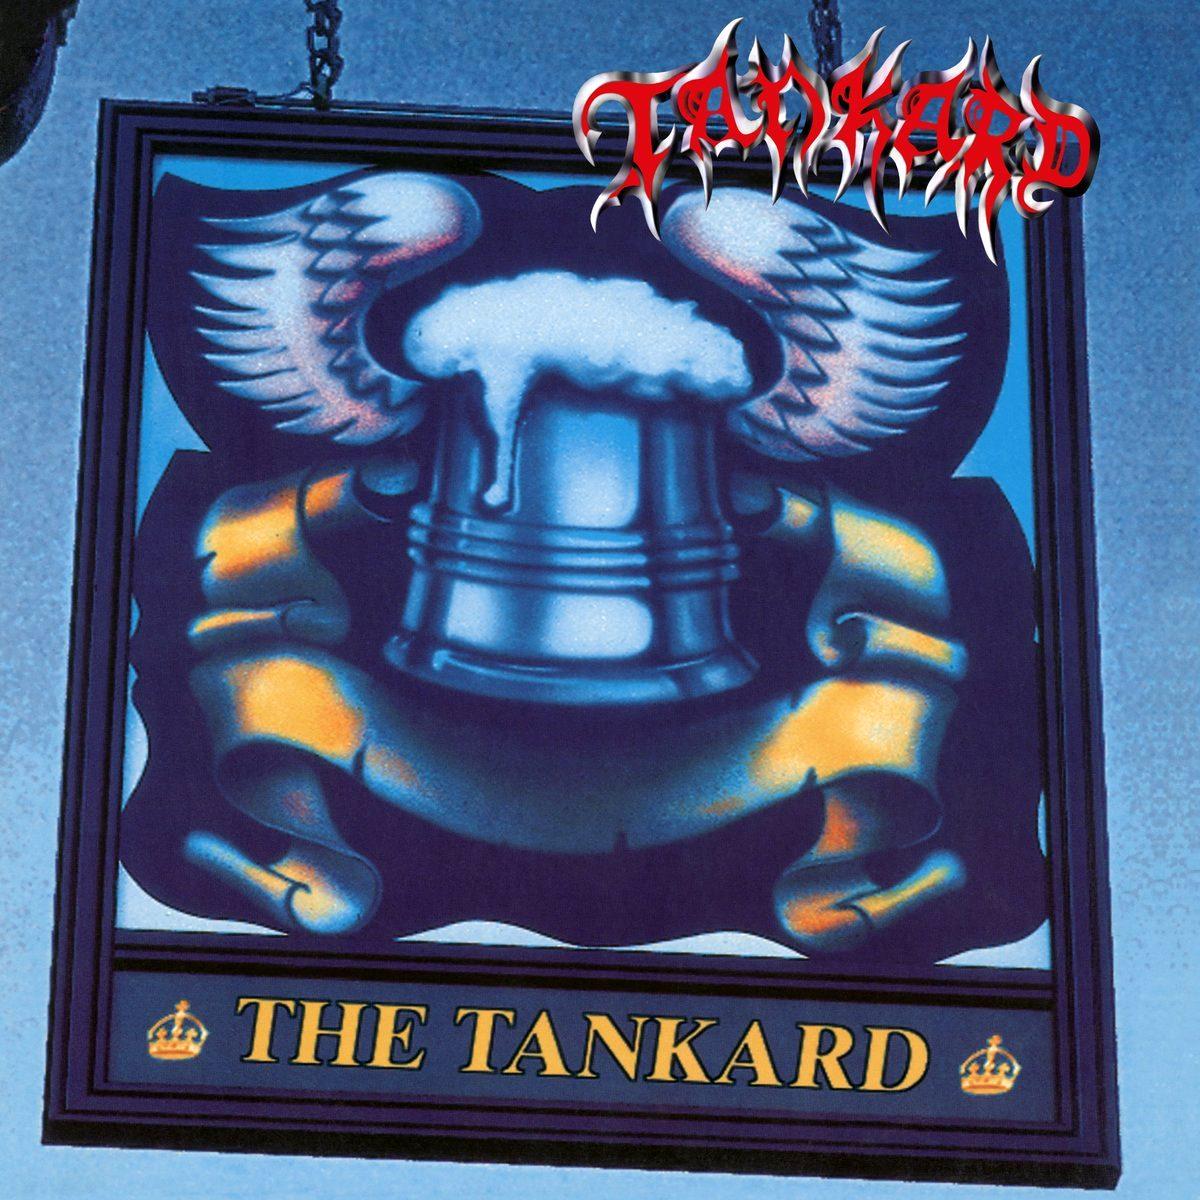 Tankard - The Tankard